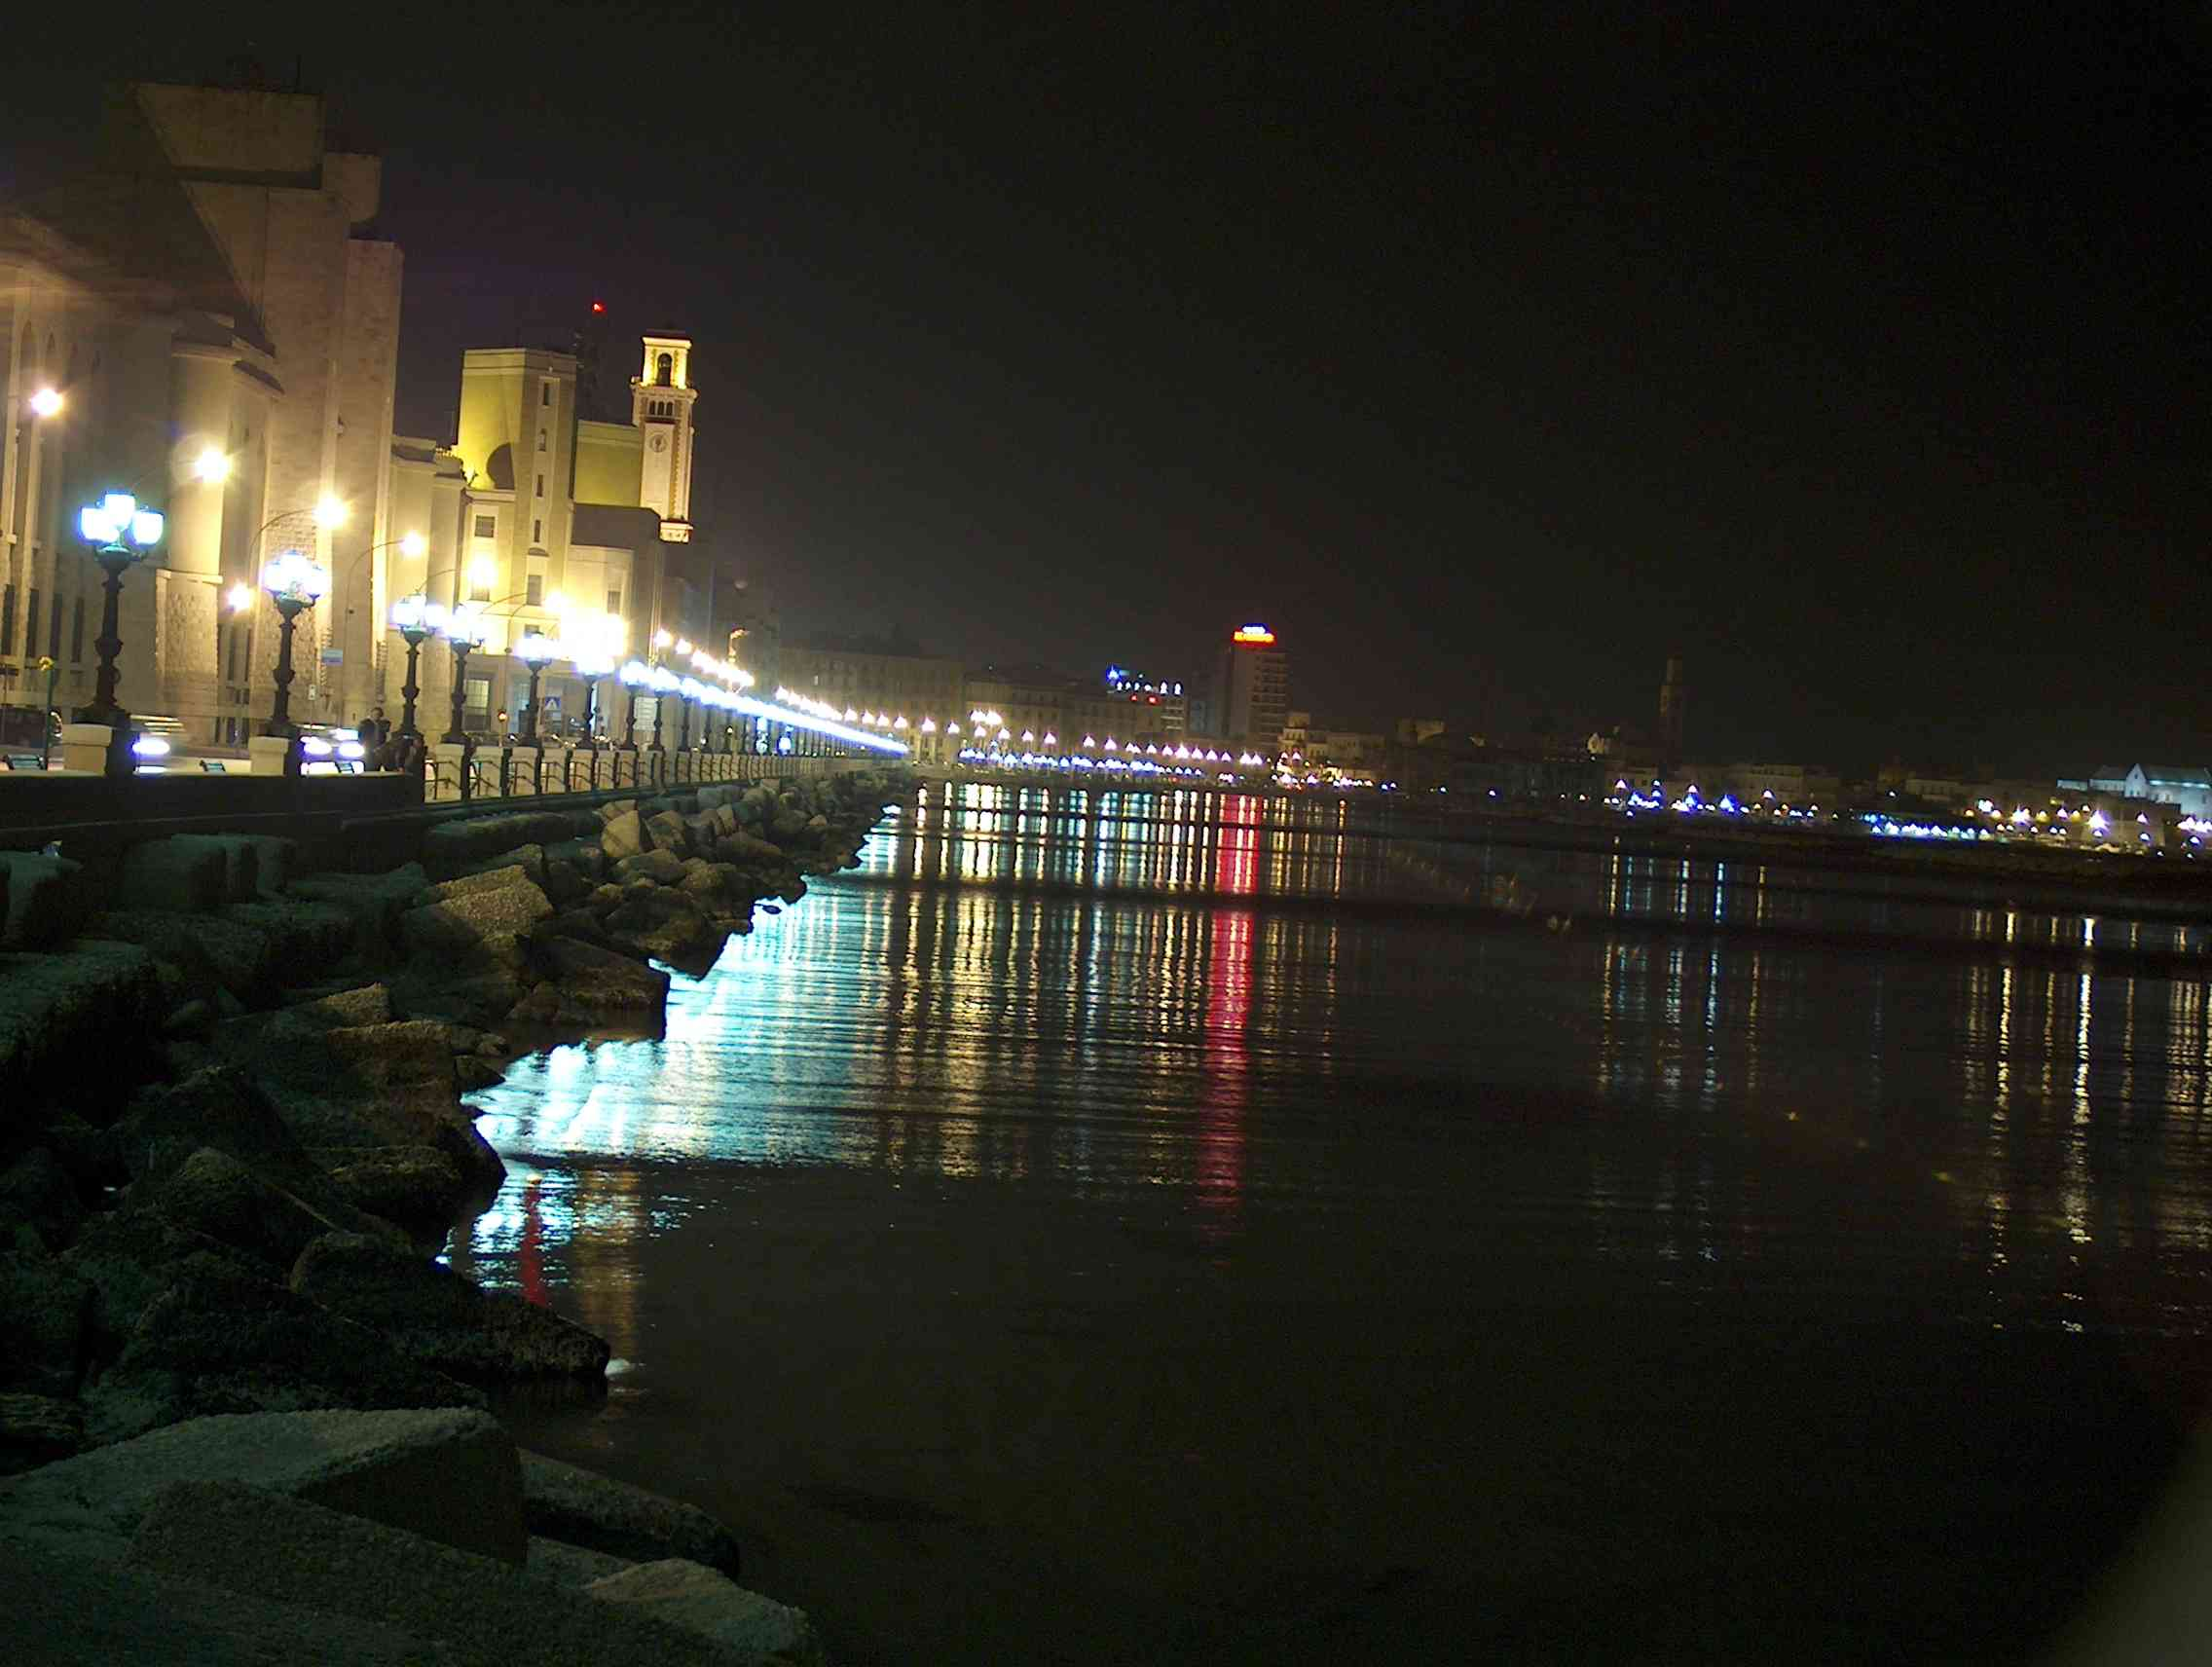 PUGLIA: splendida veduta serale del lungomare di Bari